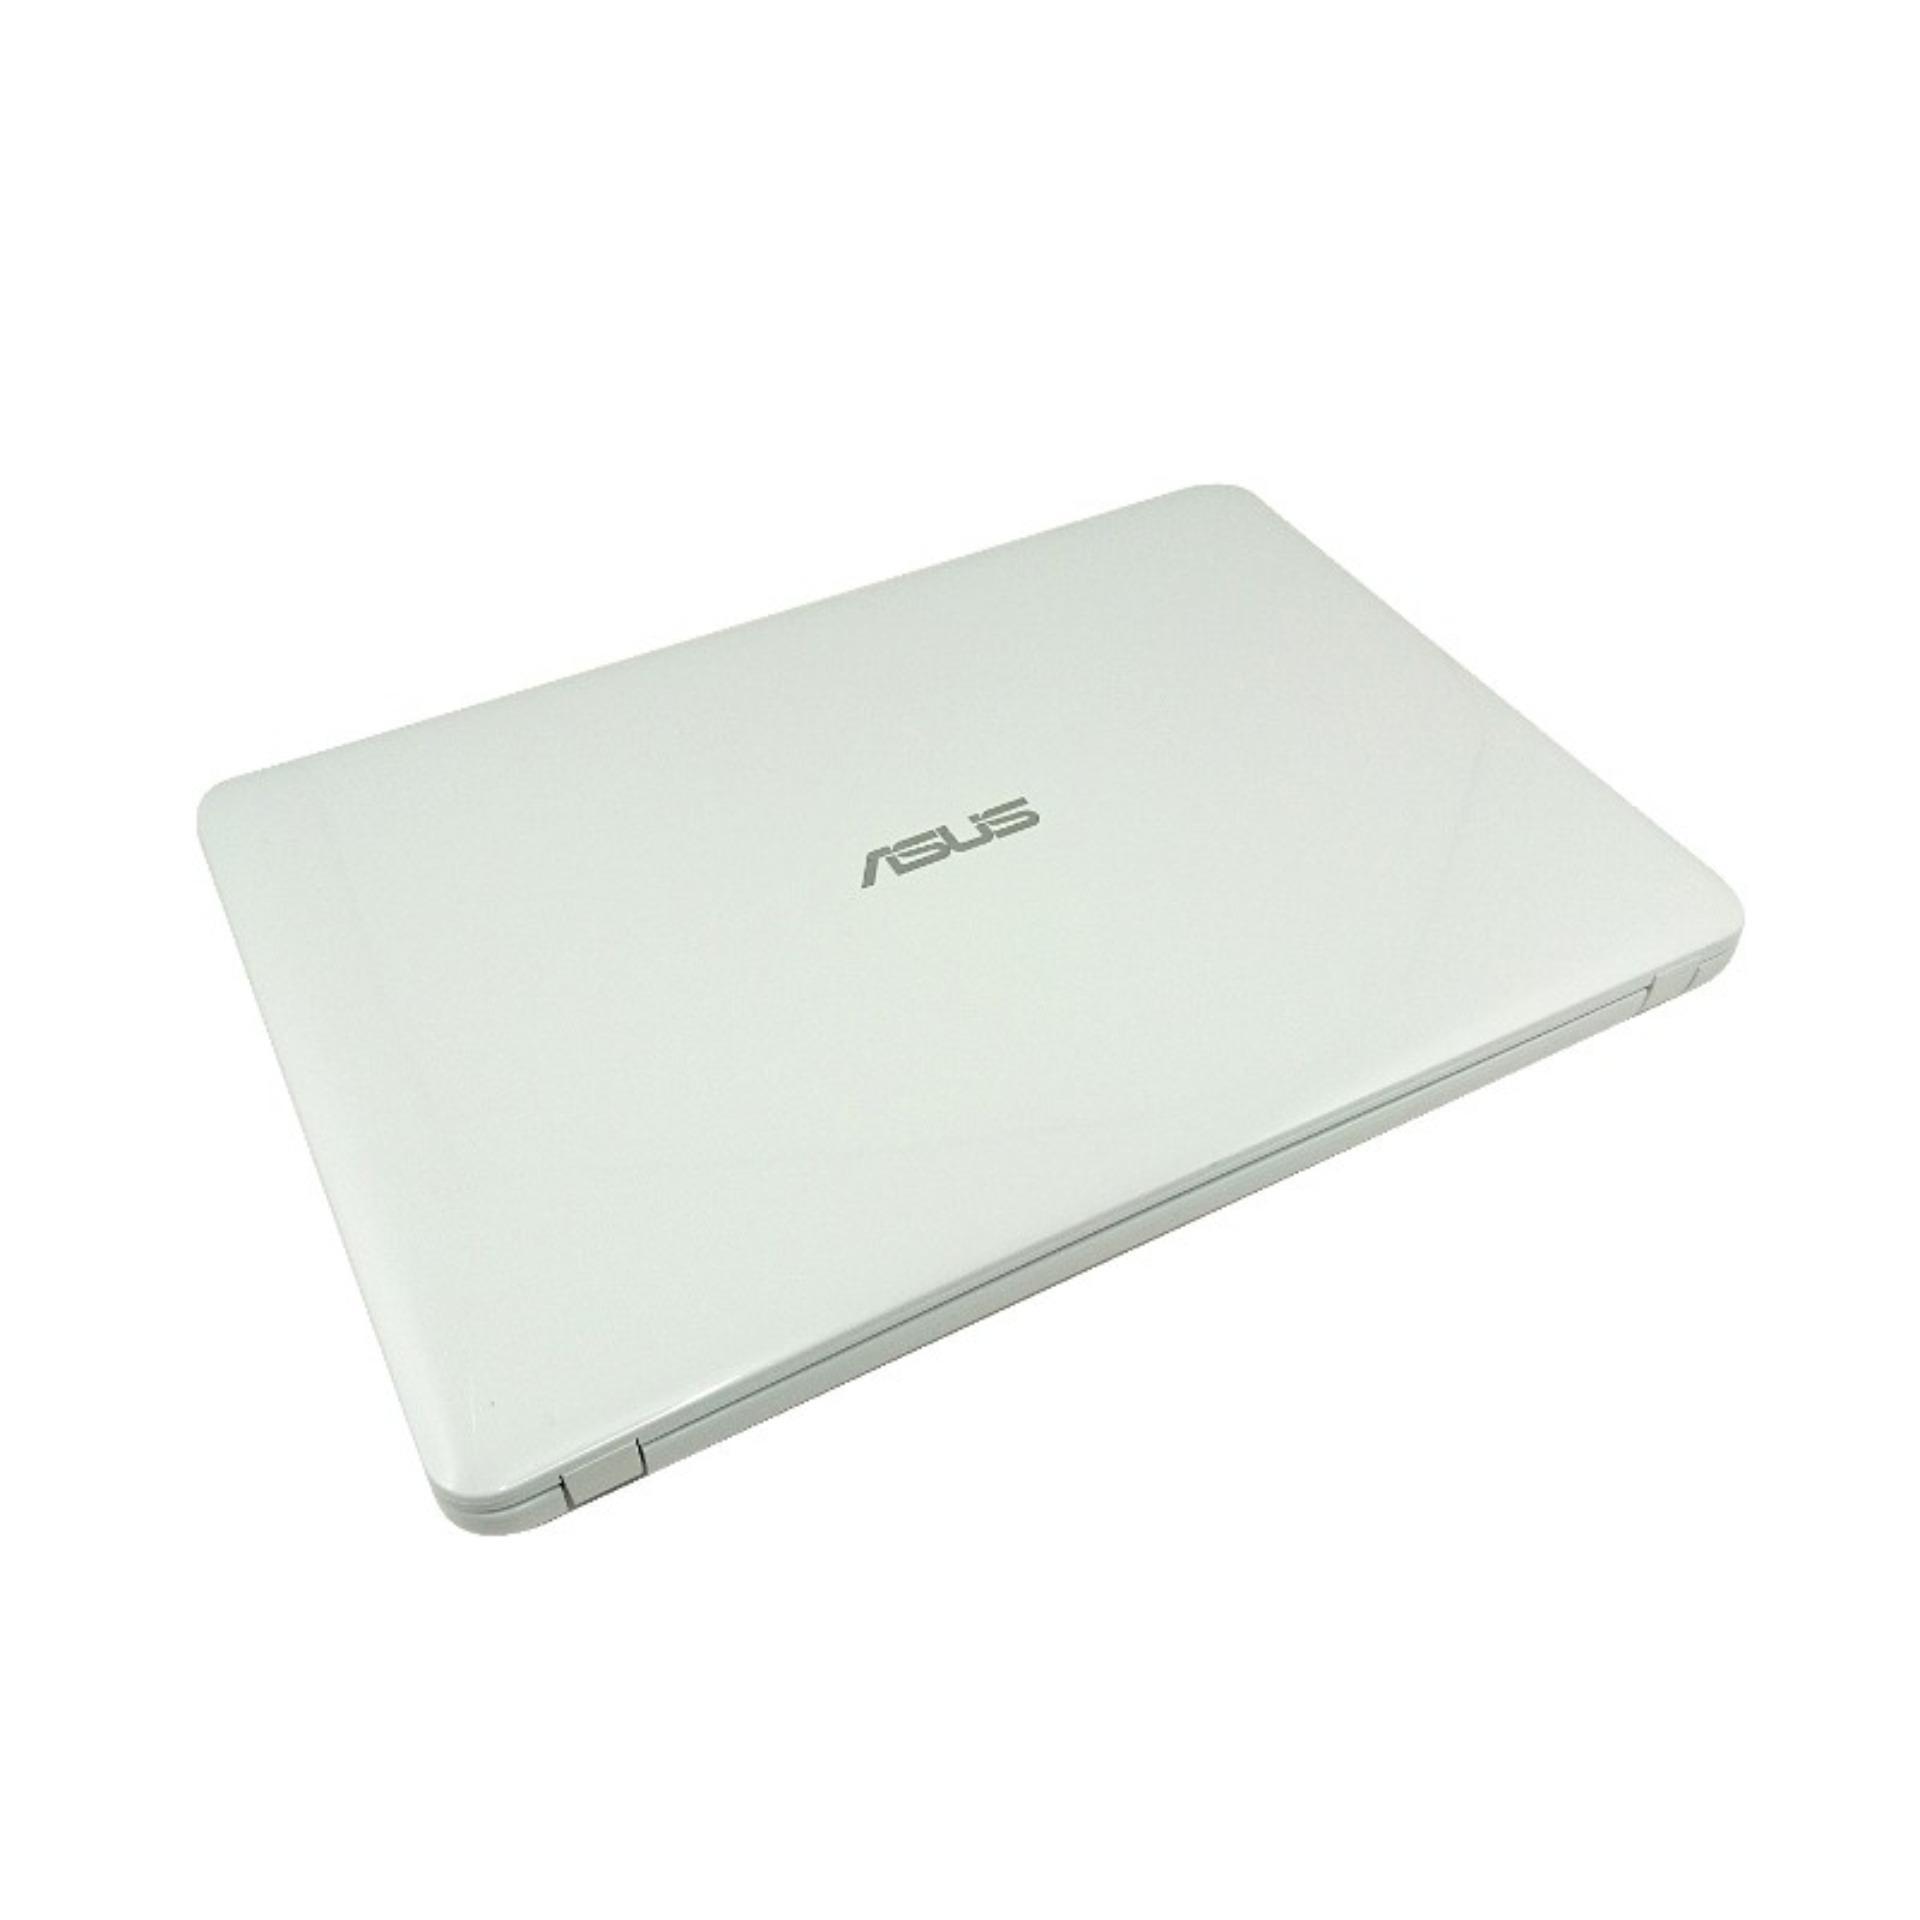 E5475g541u Info Harga Berbagai Produk Terbaik Acer Aspire E5 475g 541u Gr Intel Core I5 Kabylake Laptop Gaming 7200u 4gb 1000gb Nvidia Resmi Asus X441na 3350 Ram Hdd 500gb Win10